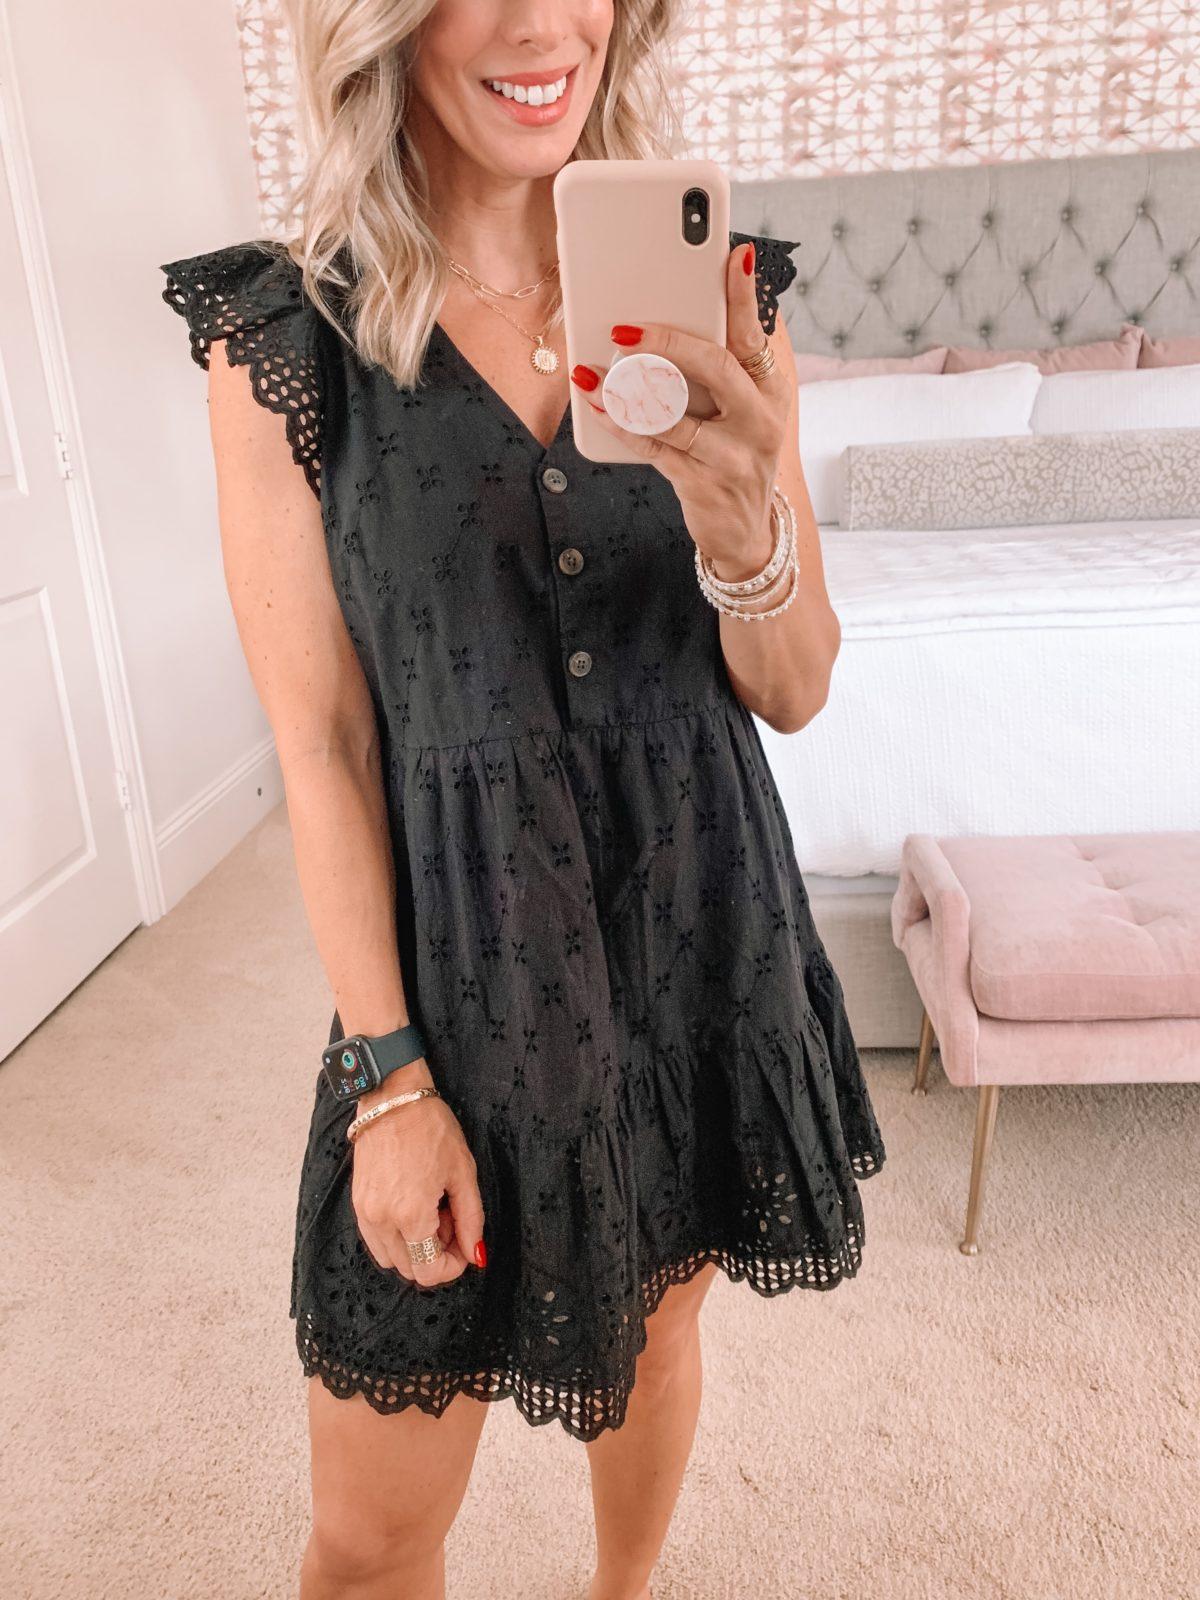 Dressing Room finds, Eyelet Dress in Black, Sandals